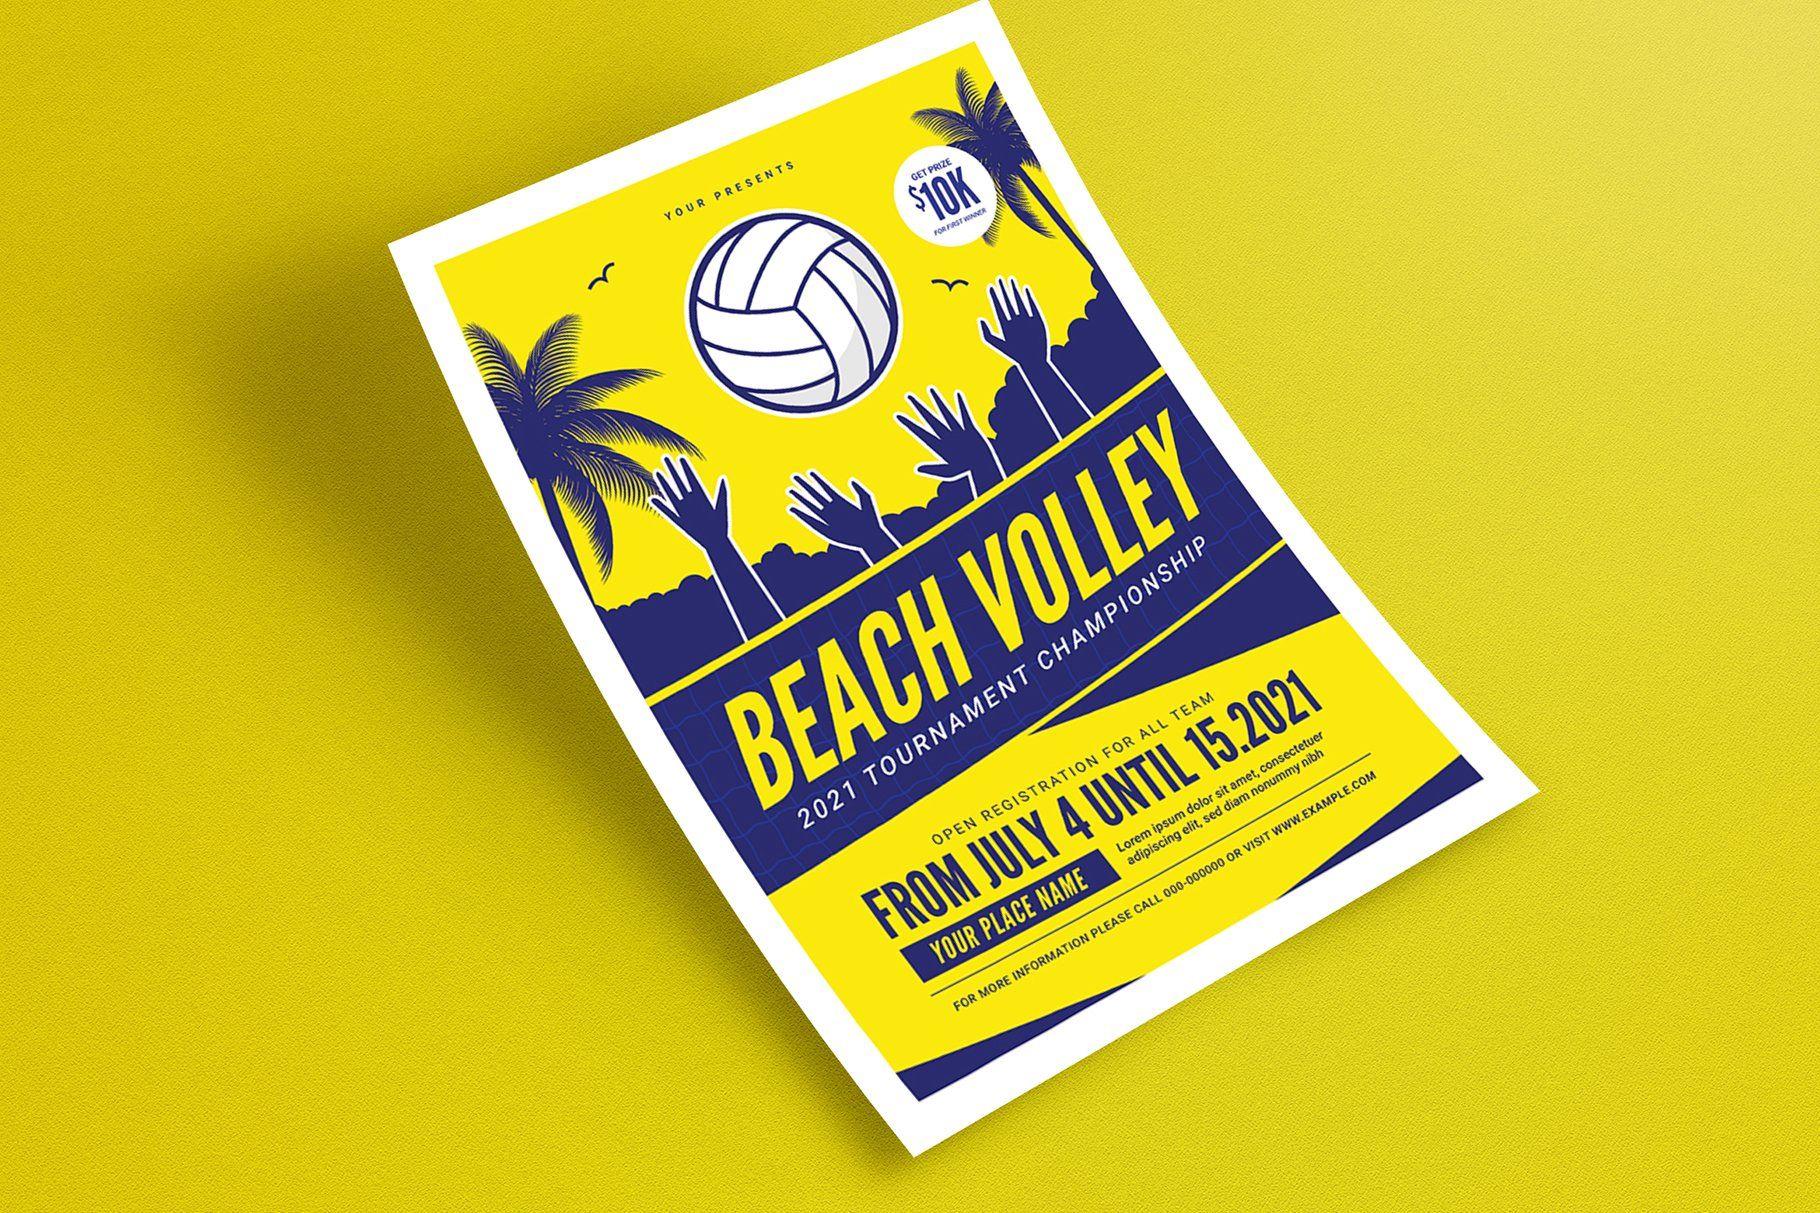 Beach Volleyball Tournament Flyer Flyer Graphic Design Tutorials Find Fonts